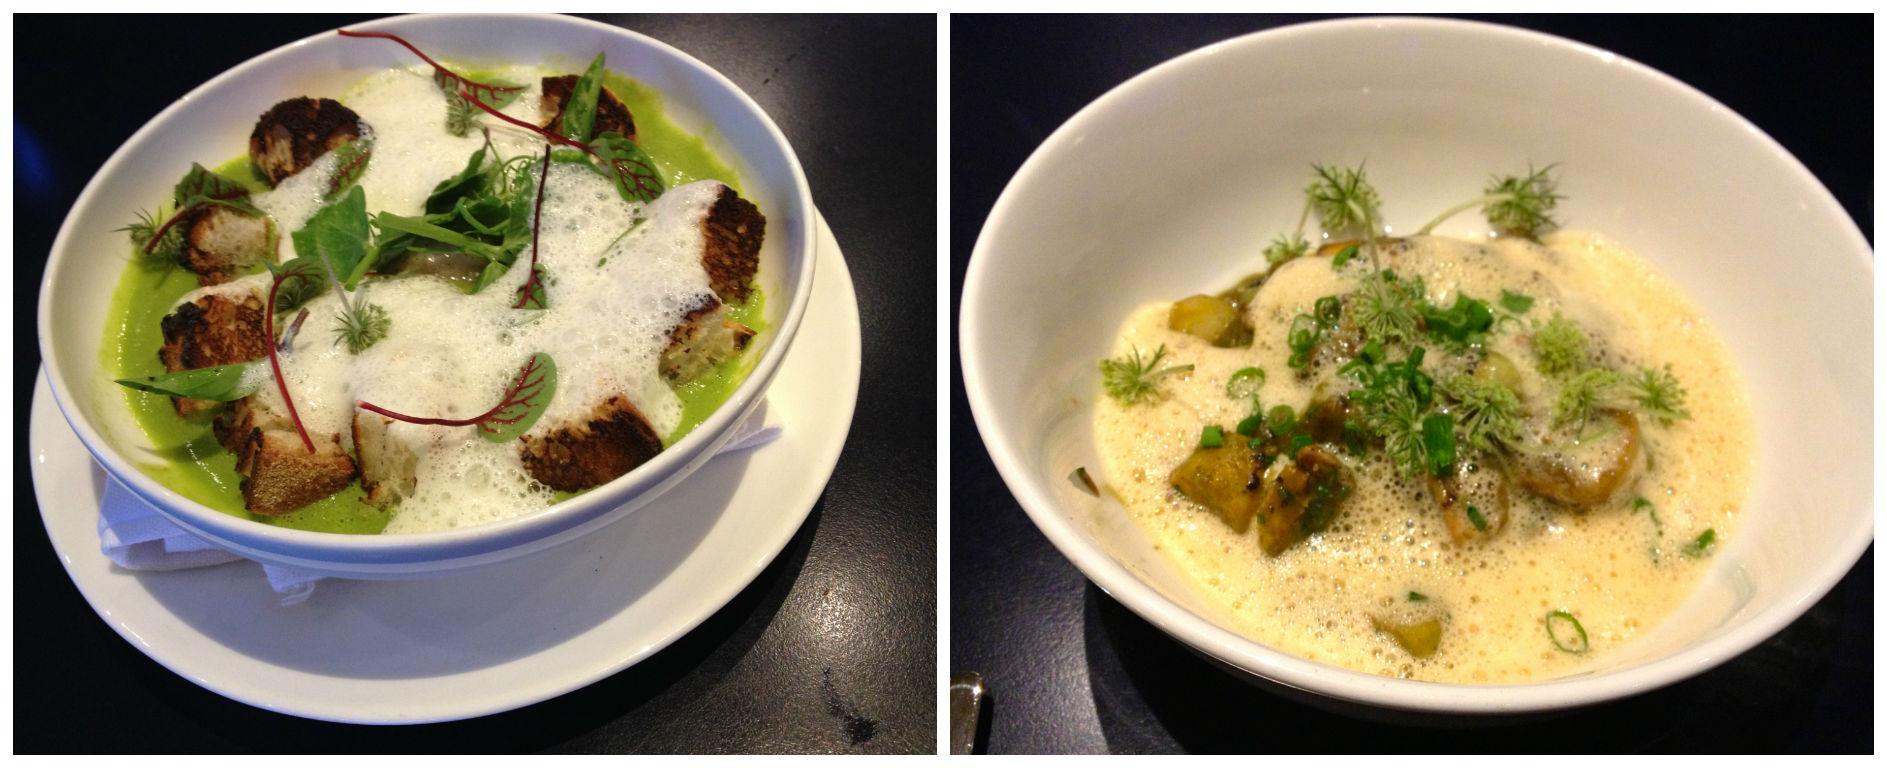 English peas & Lardo Toast and Braised Octopus & Langoustine